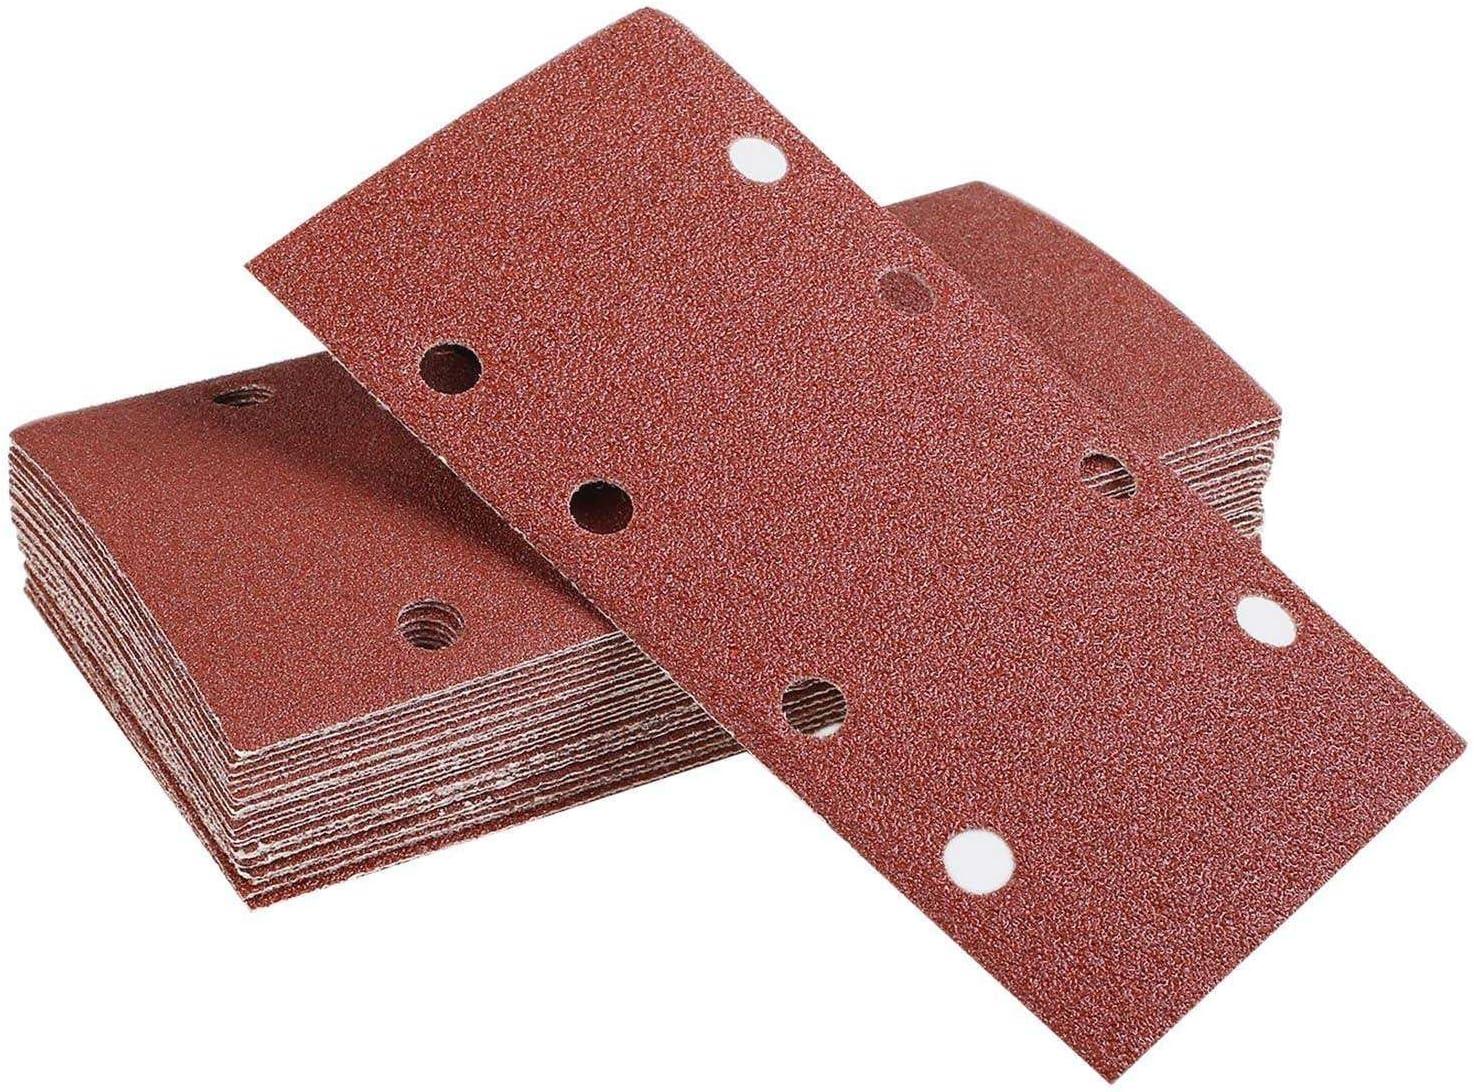 Farfly 25unids almohadillas de lijado lija de papel de gancho y bucle arena hoja perforado 8 agujeros granos 40//60//80//120 la hoja apto lijadora Orbital multi-lijadora oxido de aluminio grano